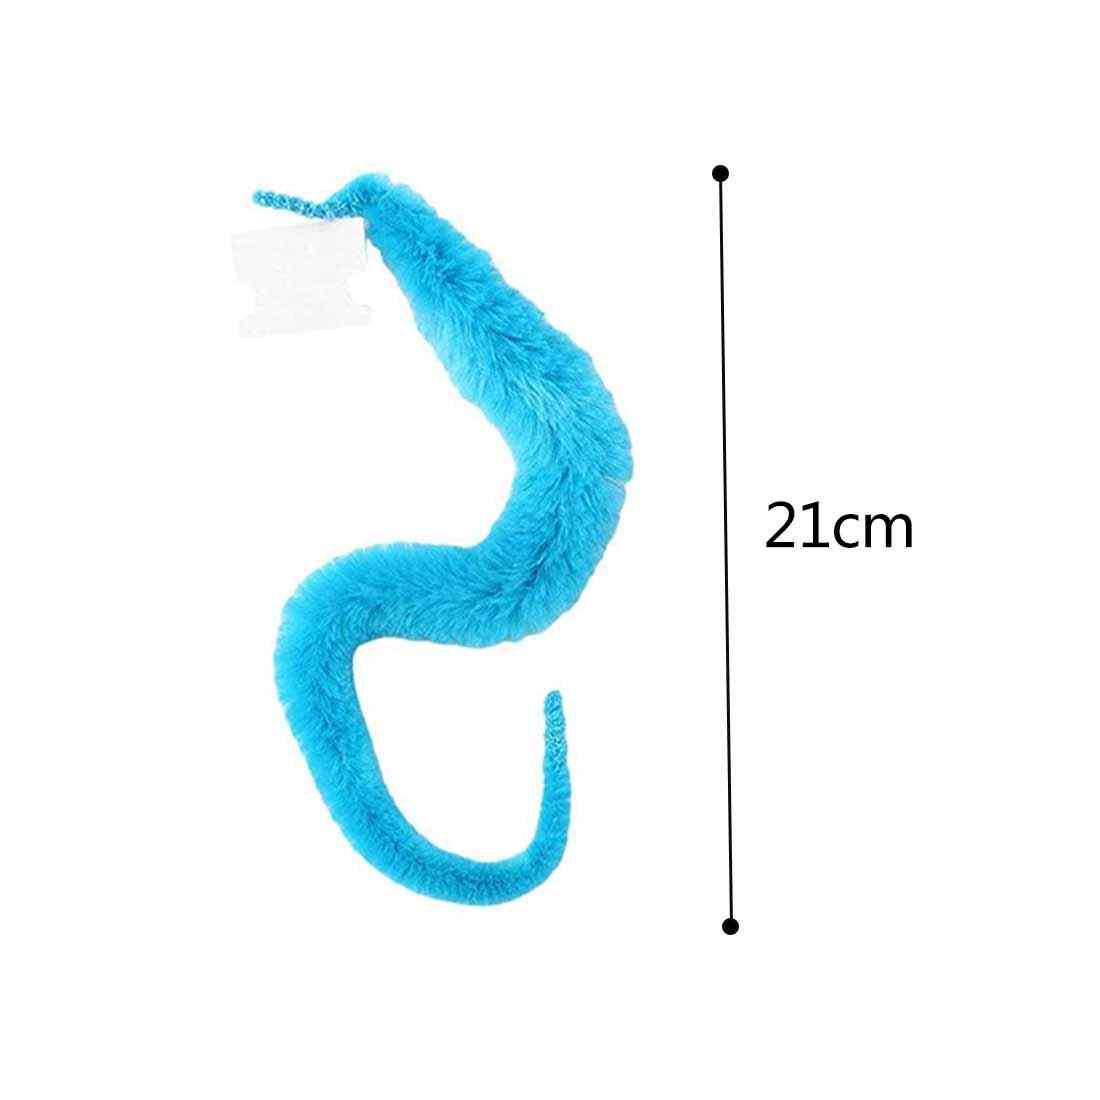 Magia twisty fuzzy worm wiggle movendo cavalo do mar crianças close-up rua comédia truques de magia brinquedos sem packdge